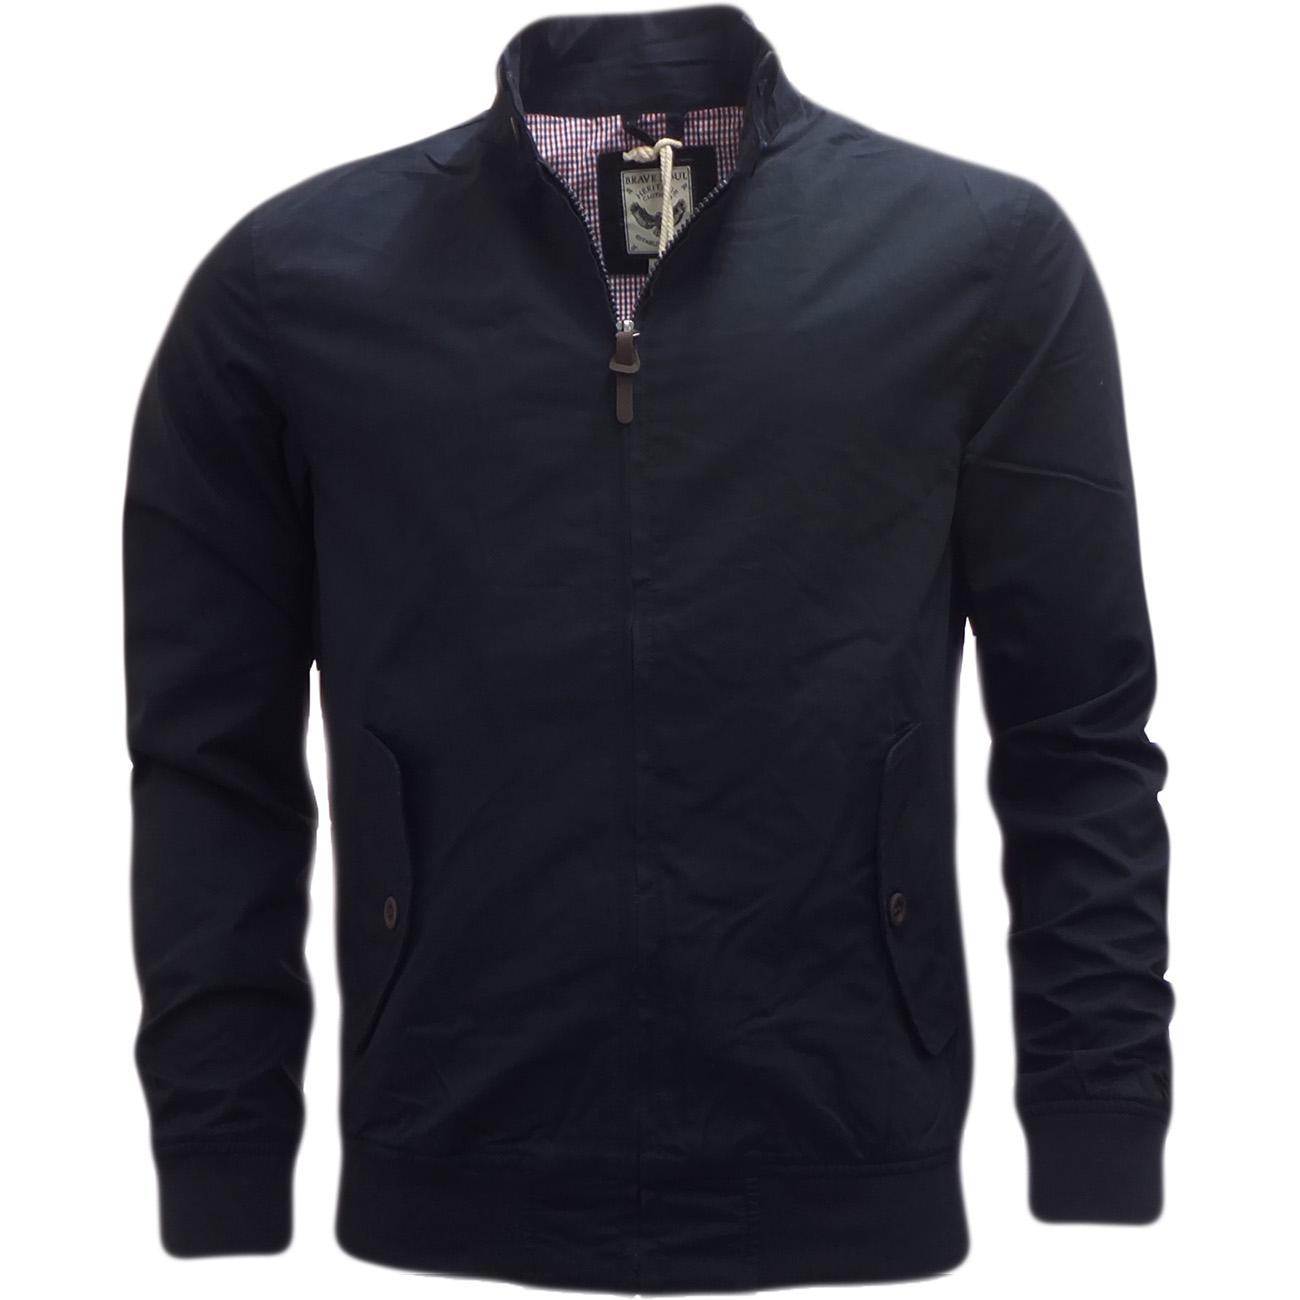 brave soul harrington jacket 39 reactive 39 sale mr h menswear. Black Bedroom Furniture Sets. Home Design Ideas